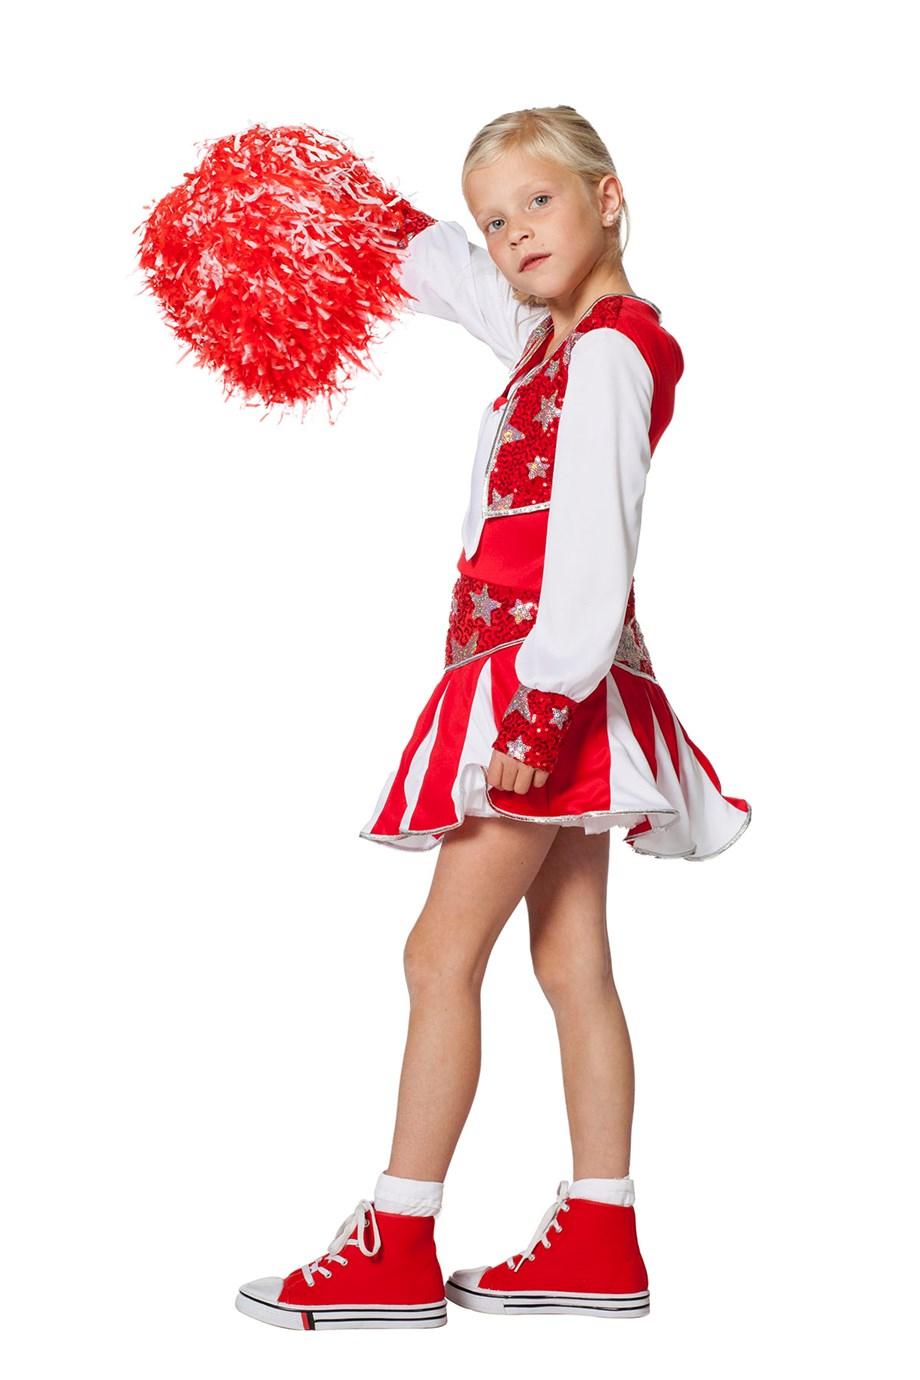 Cheerleader luxe-226775